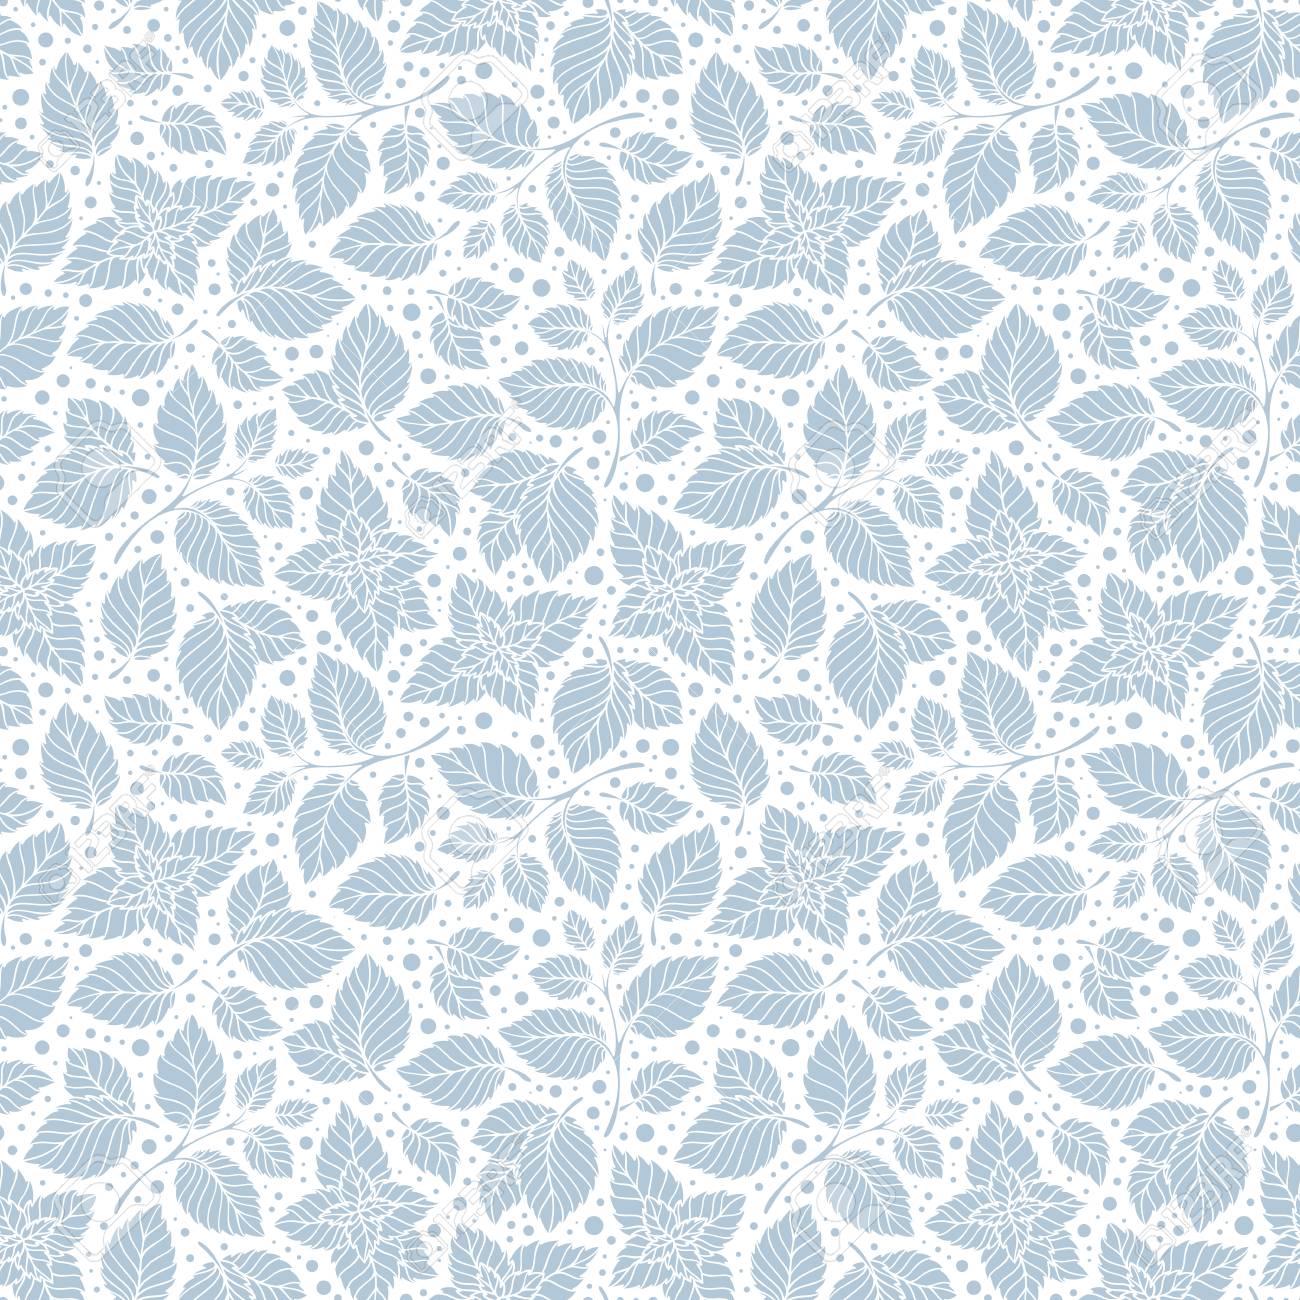 ミントの葉のパターン ペパーミントの葉は お茶の包装紙のベクトルの